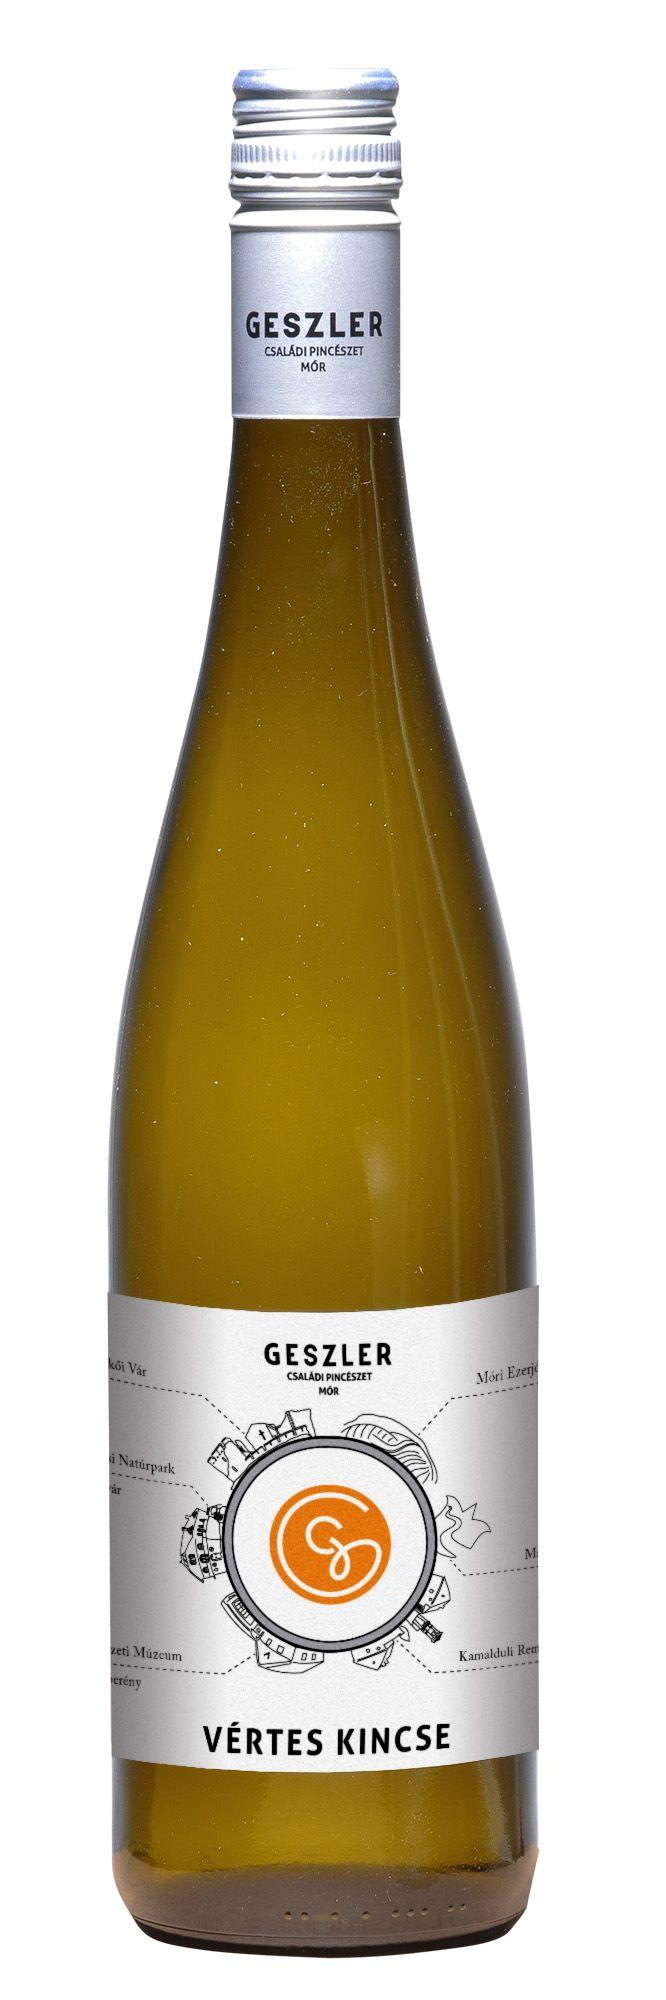 2014-es boraink új címkéinkben Mór (Móri Ezerjó 2014), a helyi meglátogatható látványosságok, mórikumok, a Móri Borvidék, a Bakony (Bakony kincs 2014) és Vértes látnivalói (Vértes kincse 2014) játsszák. Hiszen a jó móri borok mellett szeretnénk Ezerjó élményeket is kínálni a borainkat kóstolóknak. Hogy kedve támadjon felkeresni ezt a kis ékszerdobozt a Vértes és a Bakony hegység között, ehhez adunk egy kis segítséget a címkéken is és termeszesetesen a pincénkbe látogatóknak személyesen is.